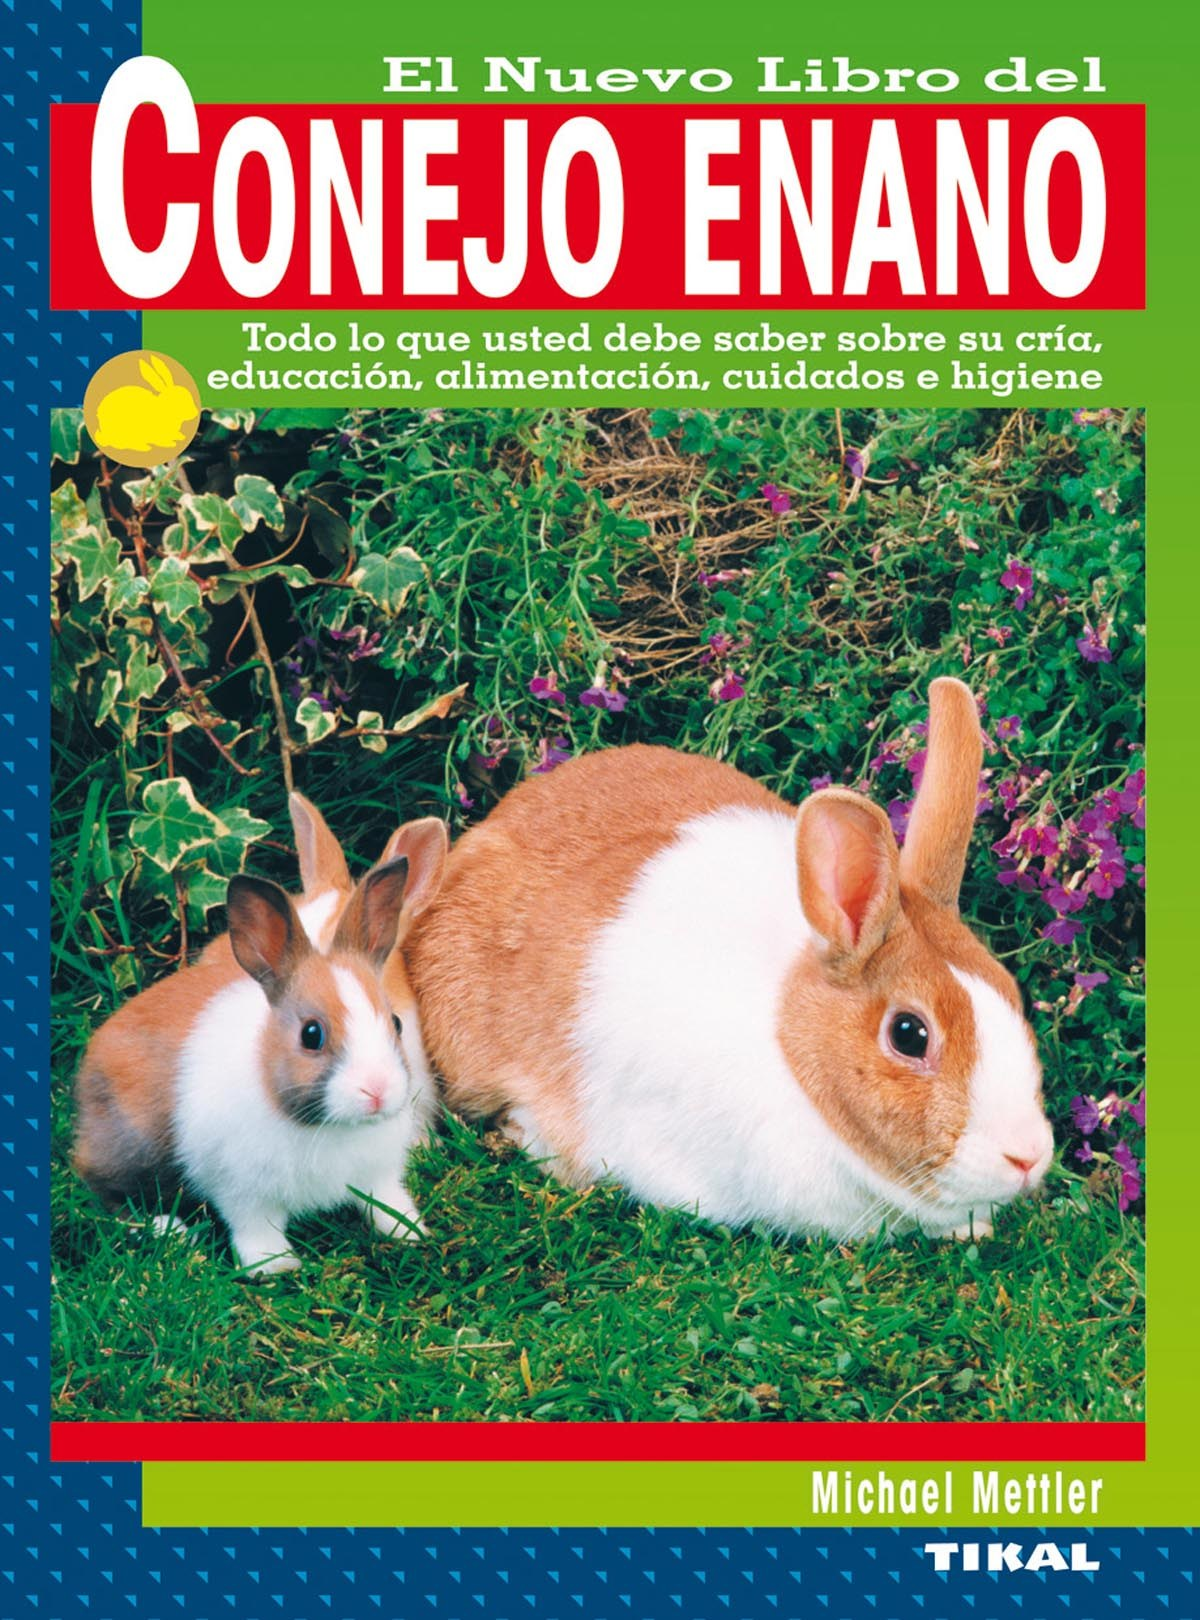 Conejo enano 9788430582143